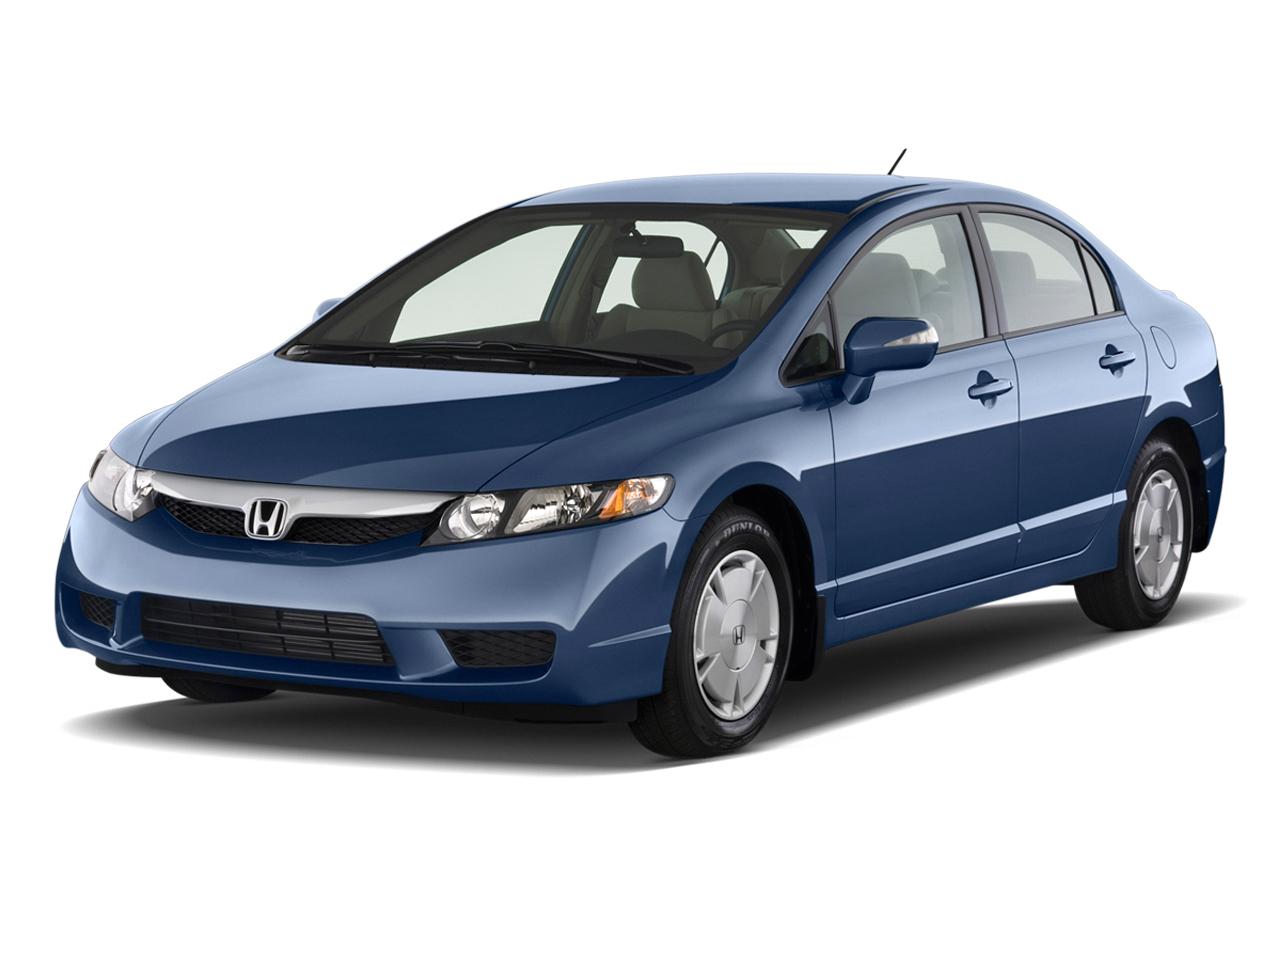 Kelebihan Kekurangan Honda Civic 2010 Perbandingan Harga